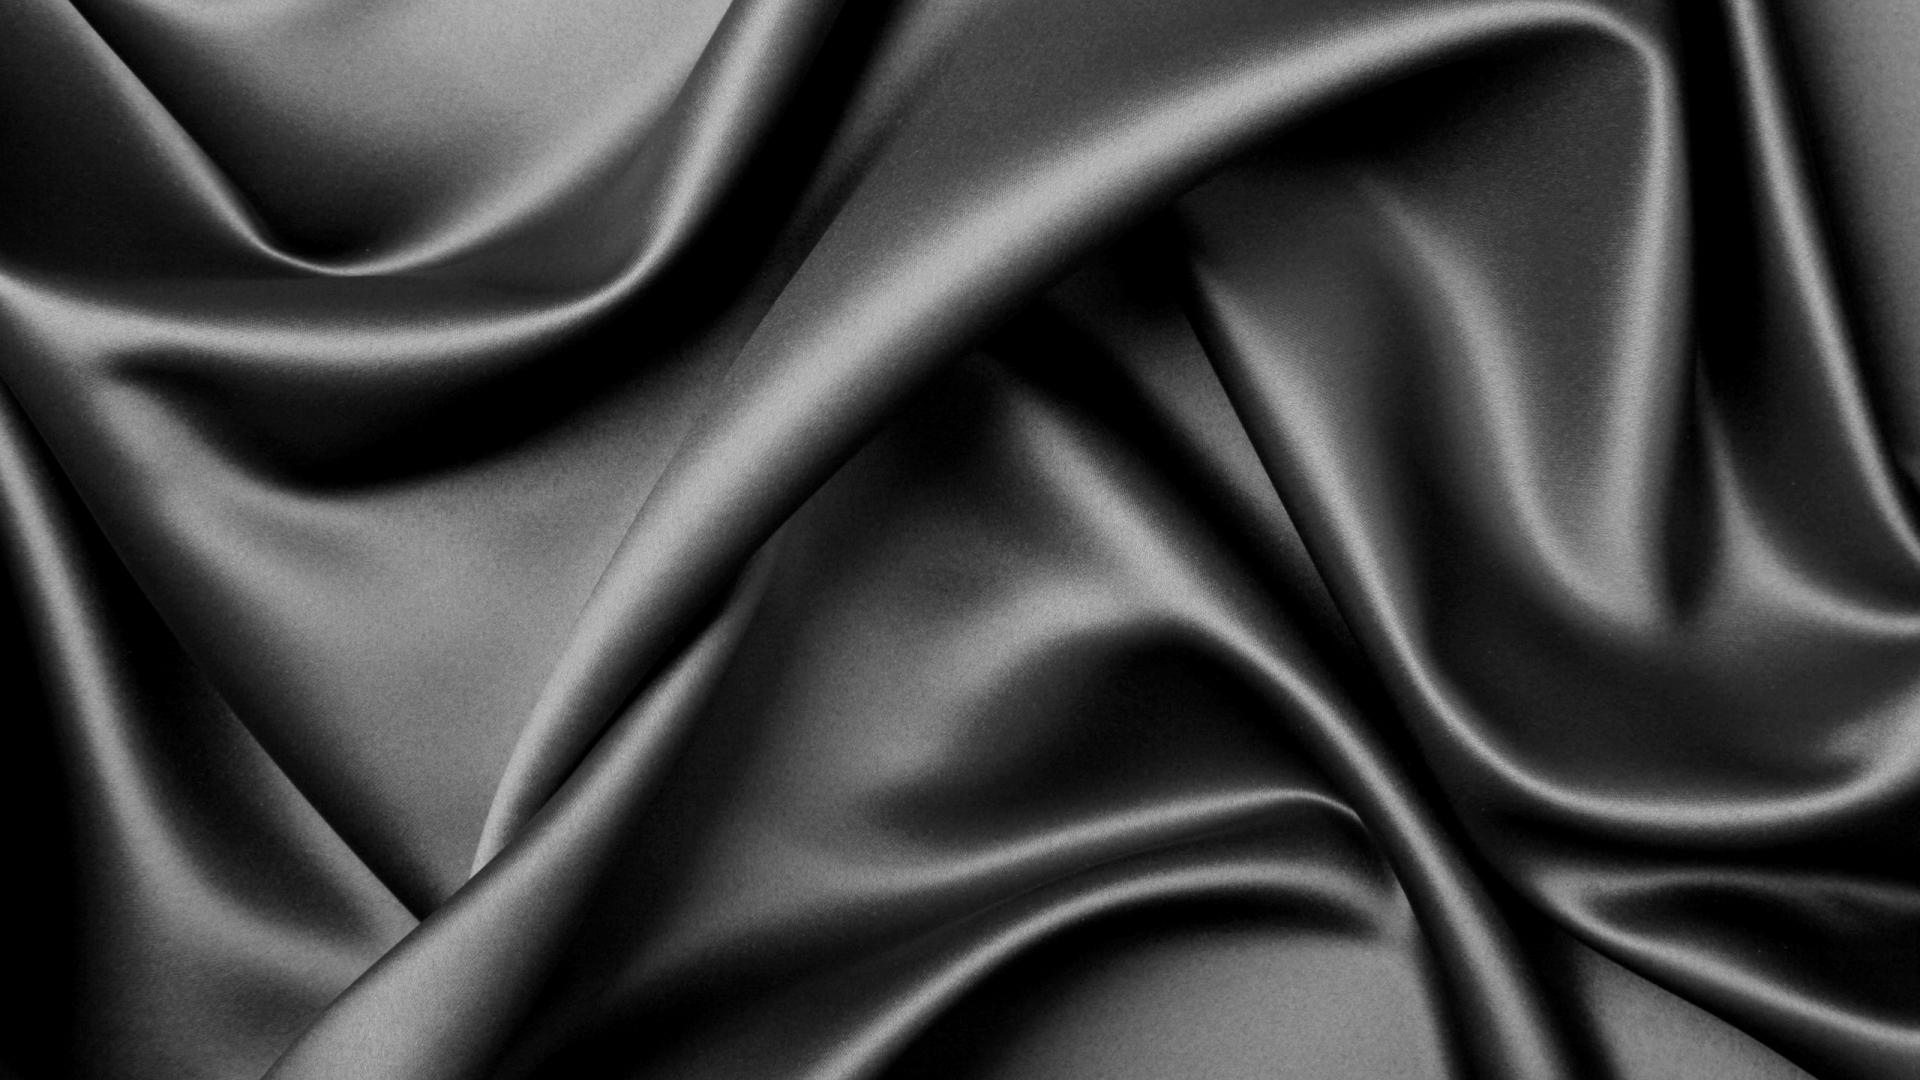 Textura de tela negra - 1920x1080